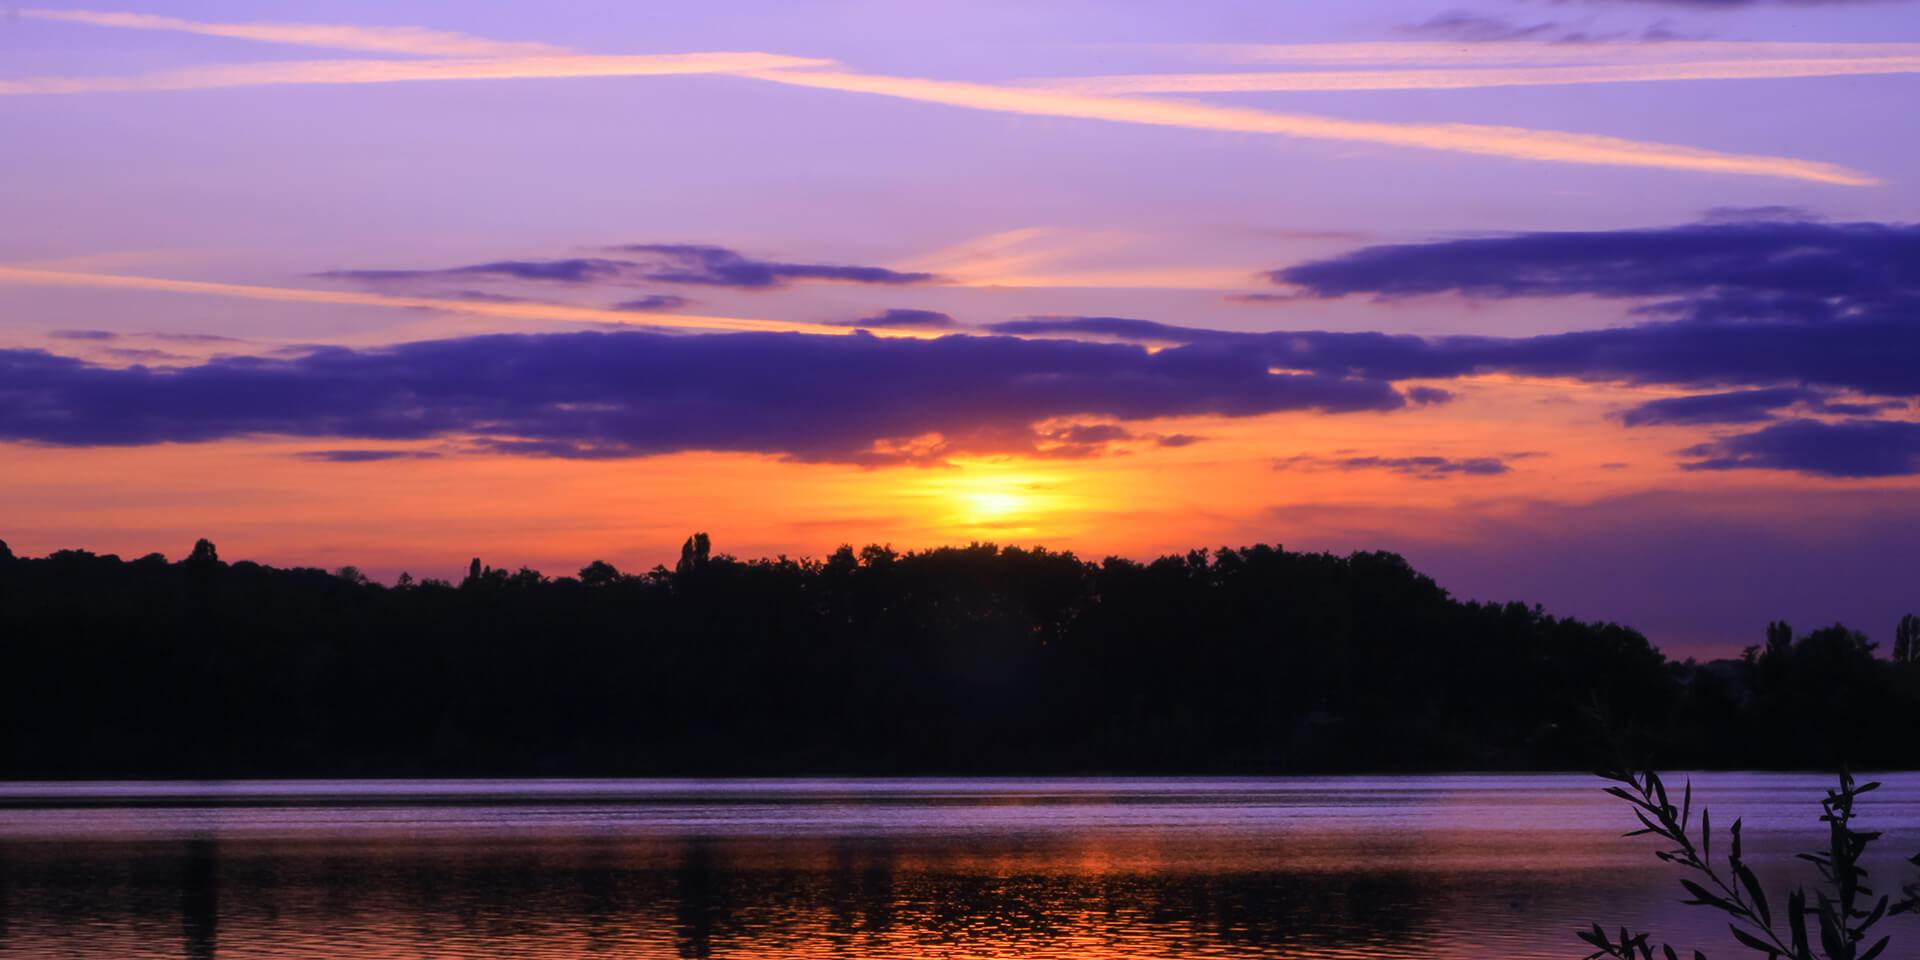 Das Bild zeigt einen Sonnenaufgang